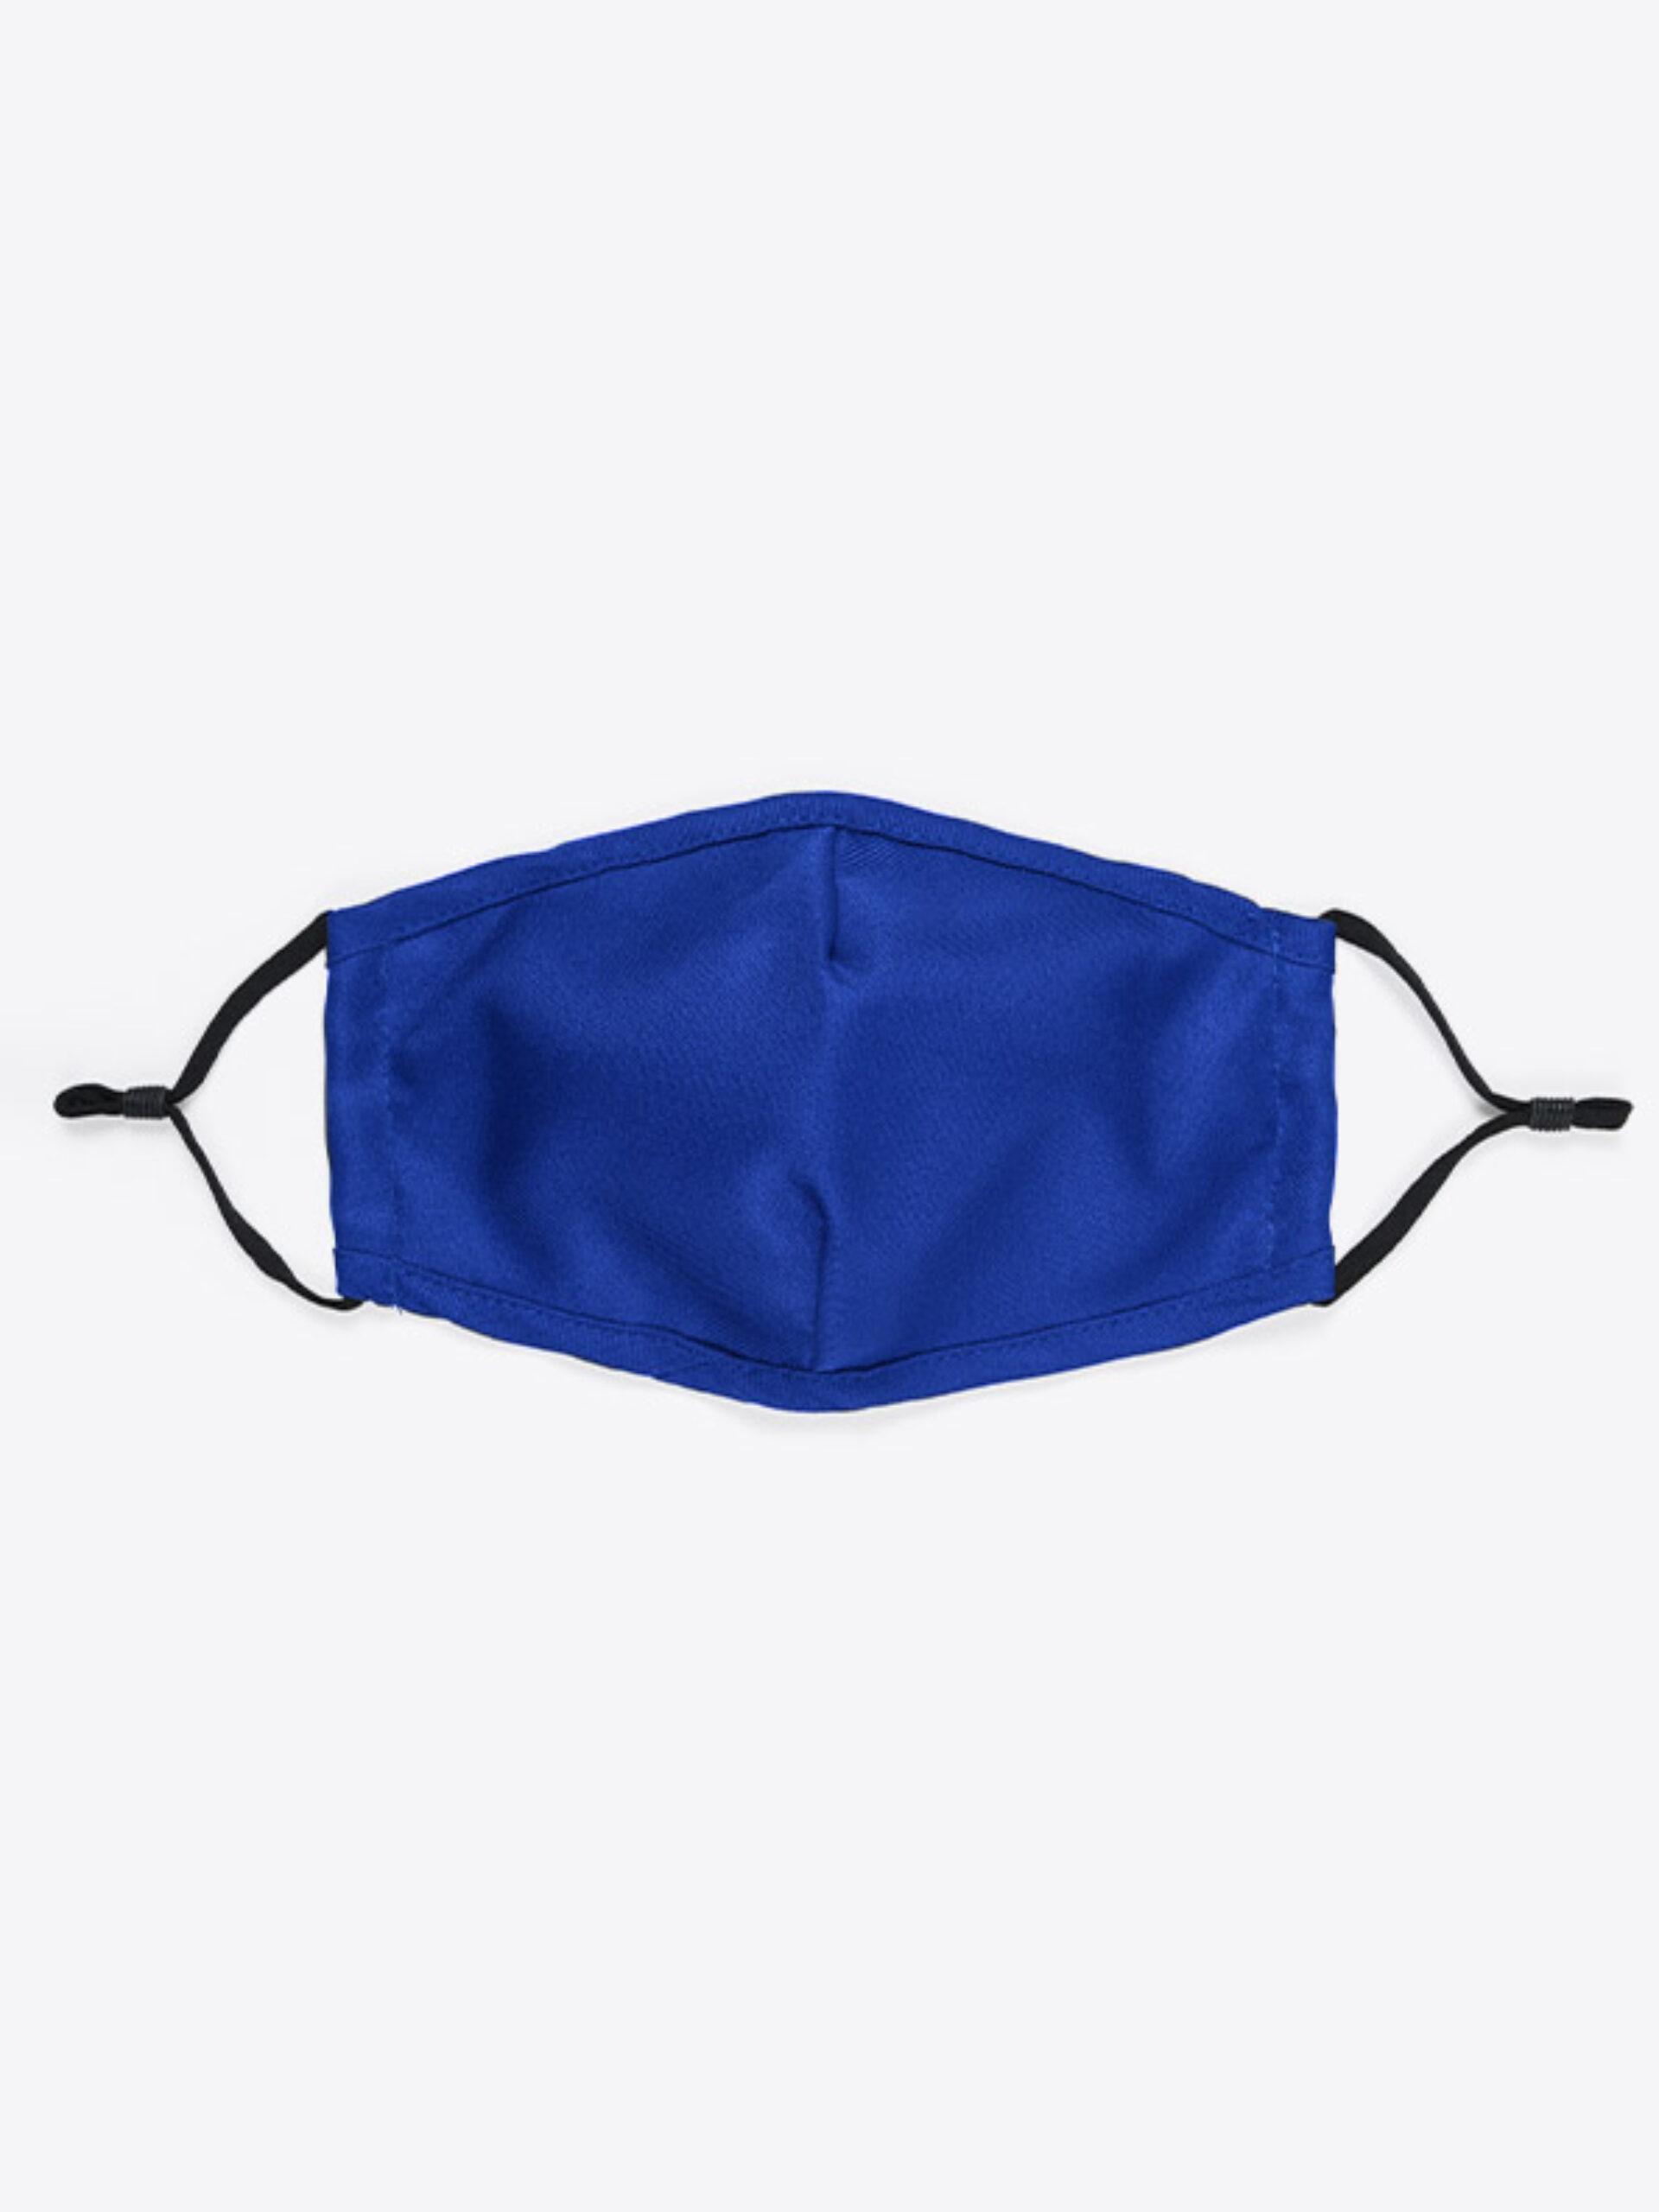 Community Maske Schutzmaske Mit Wechselfilter Blau Royal Ab Lager